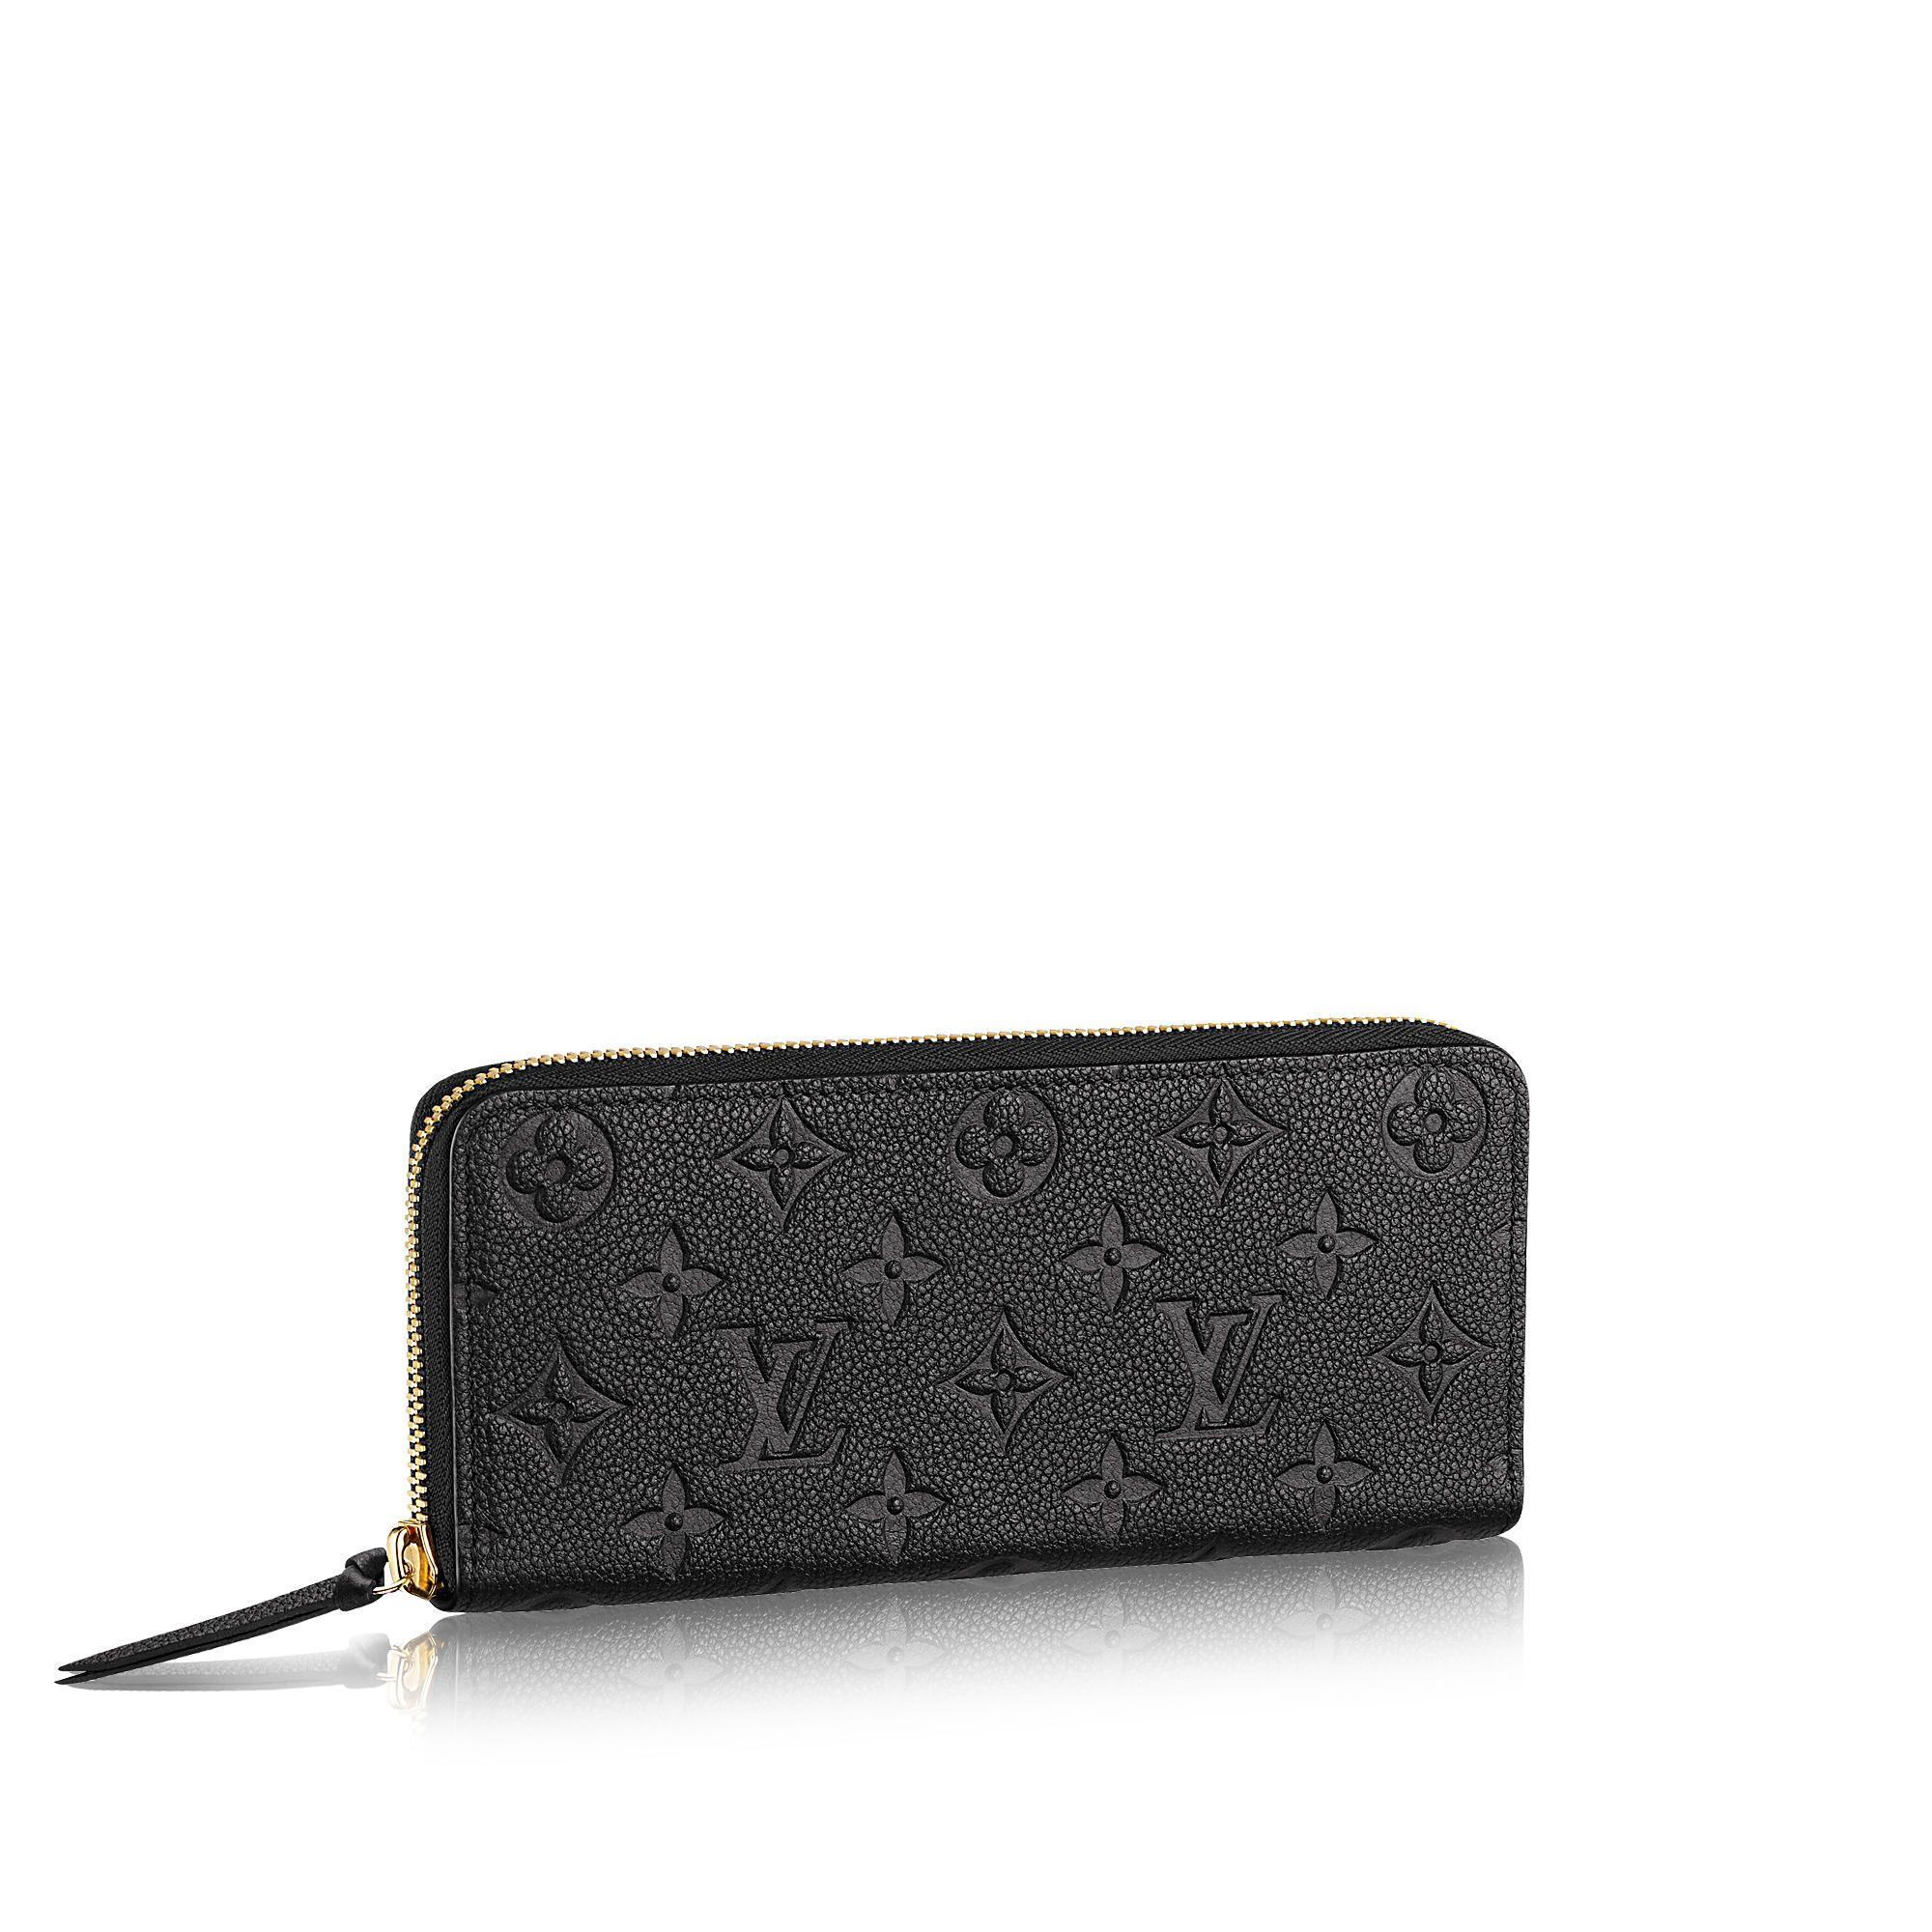 Porte Monnaie, Portefeuille, Accessoires, Slg, Mode, Louis Vuitton, Louis 57367293b53